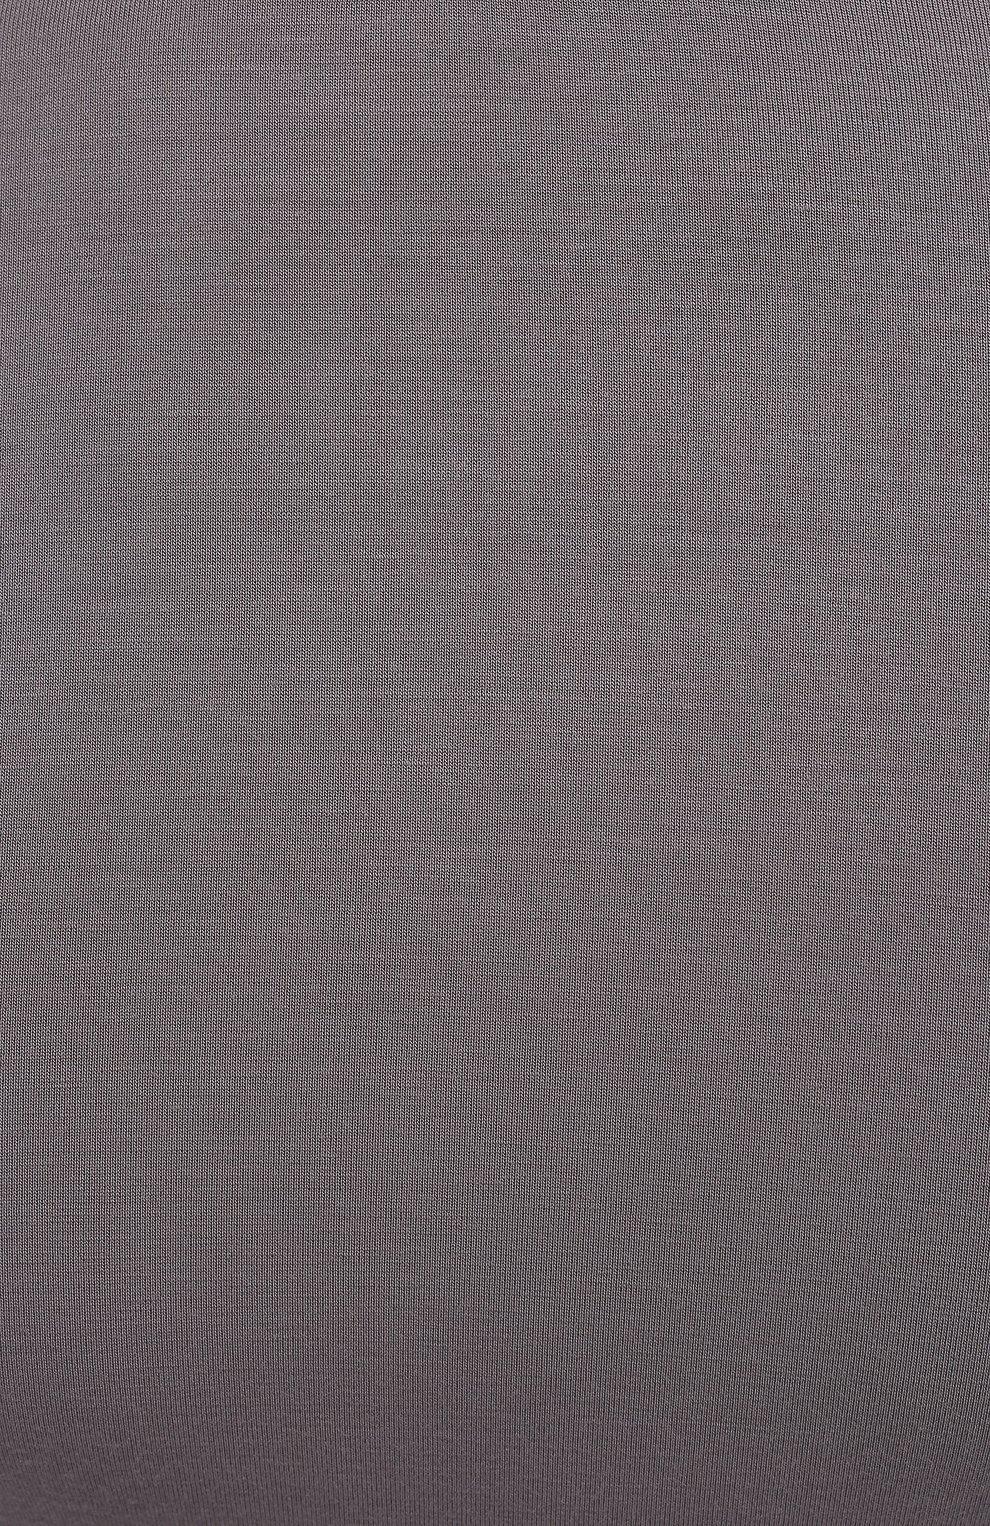 Мужская футболка ZIMMERLI темно-серого цвета, арт. 700-1341   Фото 5 (Кросс-КТ: домашняя одежда; Рукава: Короткие; Материал внешний: Синтетический материал; Длина (для топов): Стандартные; Мужское Кросс-КТ: Футболка-белье)